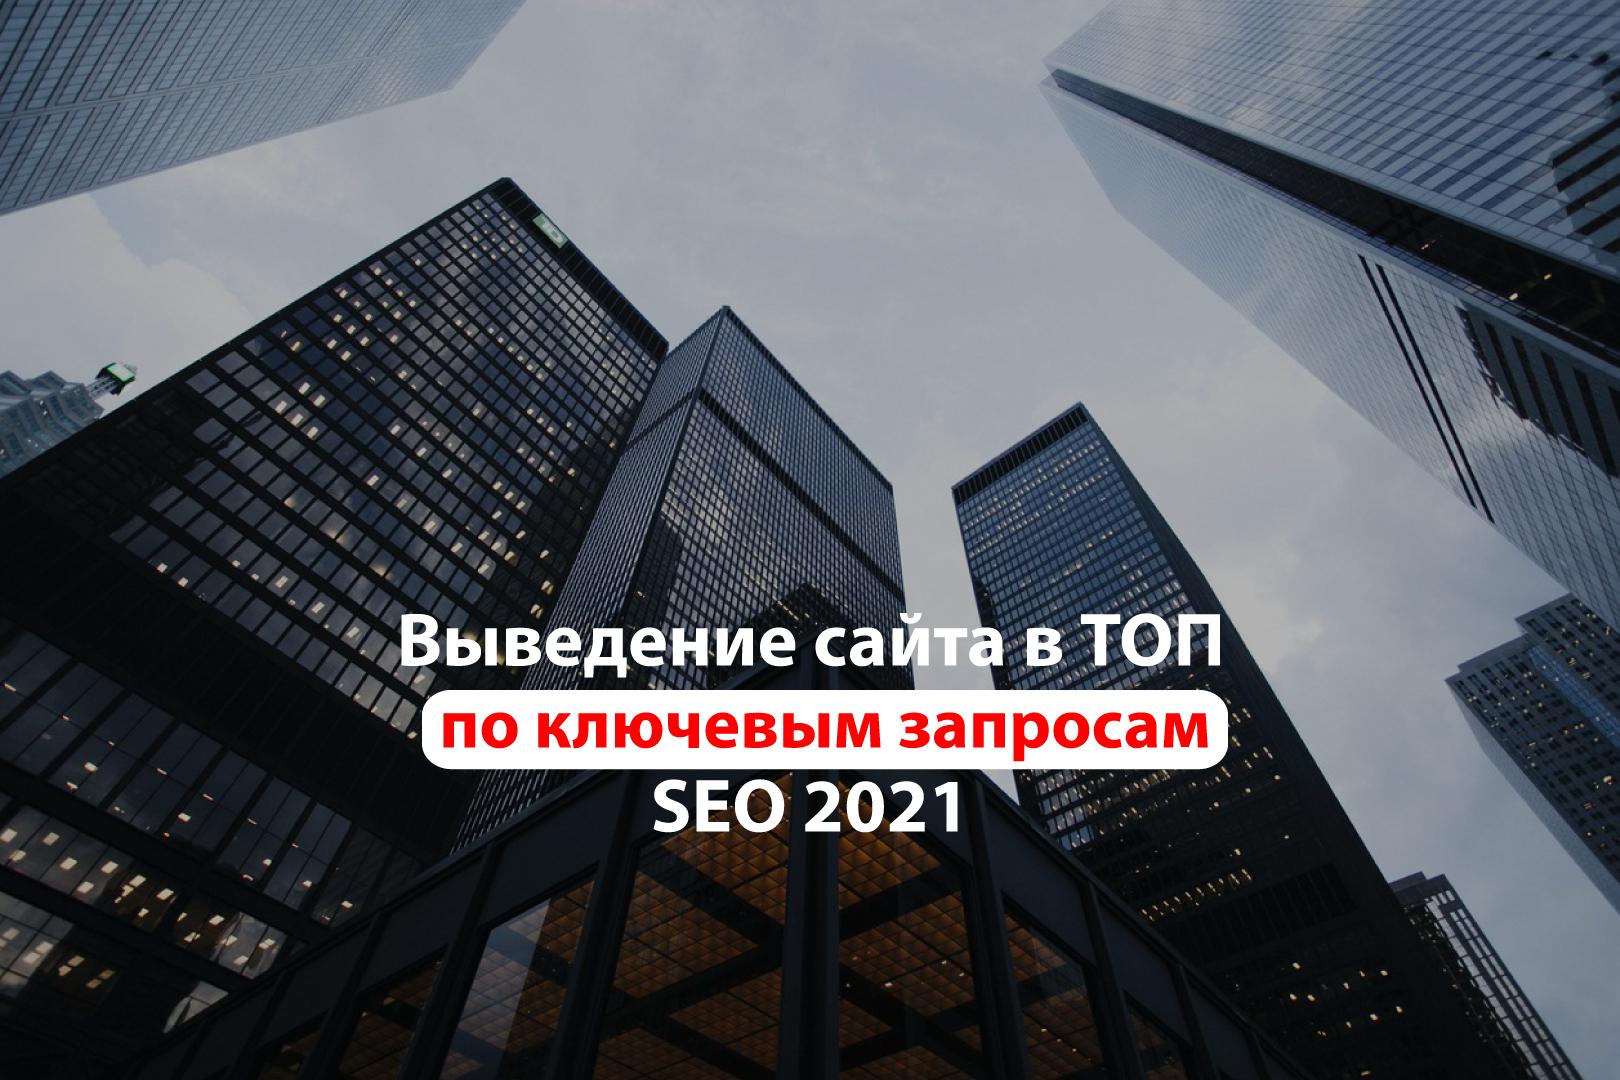 Тренды SEO 2021 — как предотвратить падение позиций